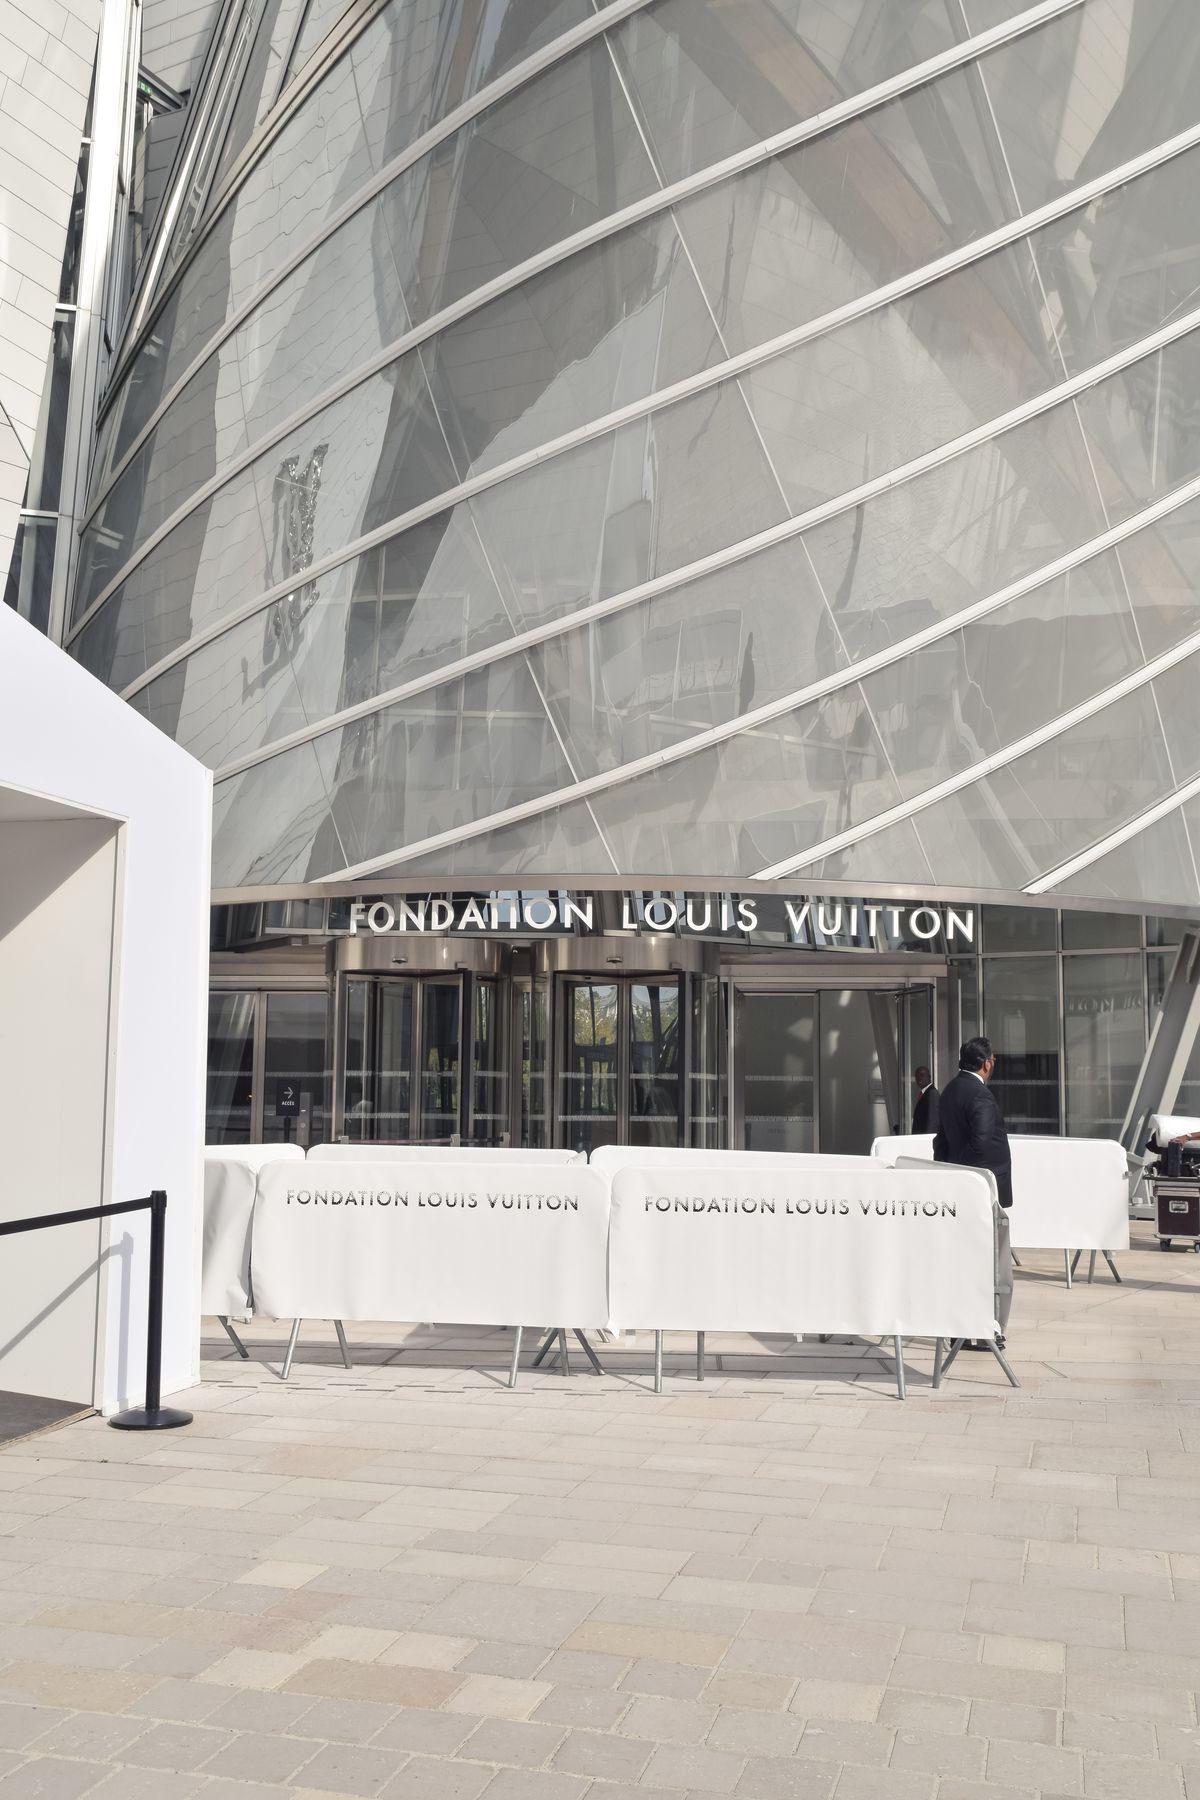 Fondation Louis Vuitton Entrance, Paris, France